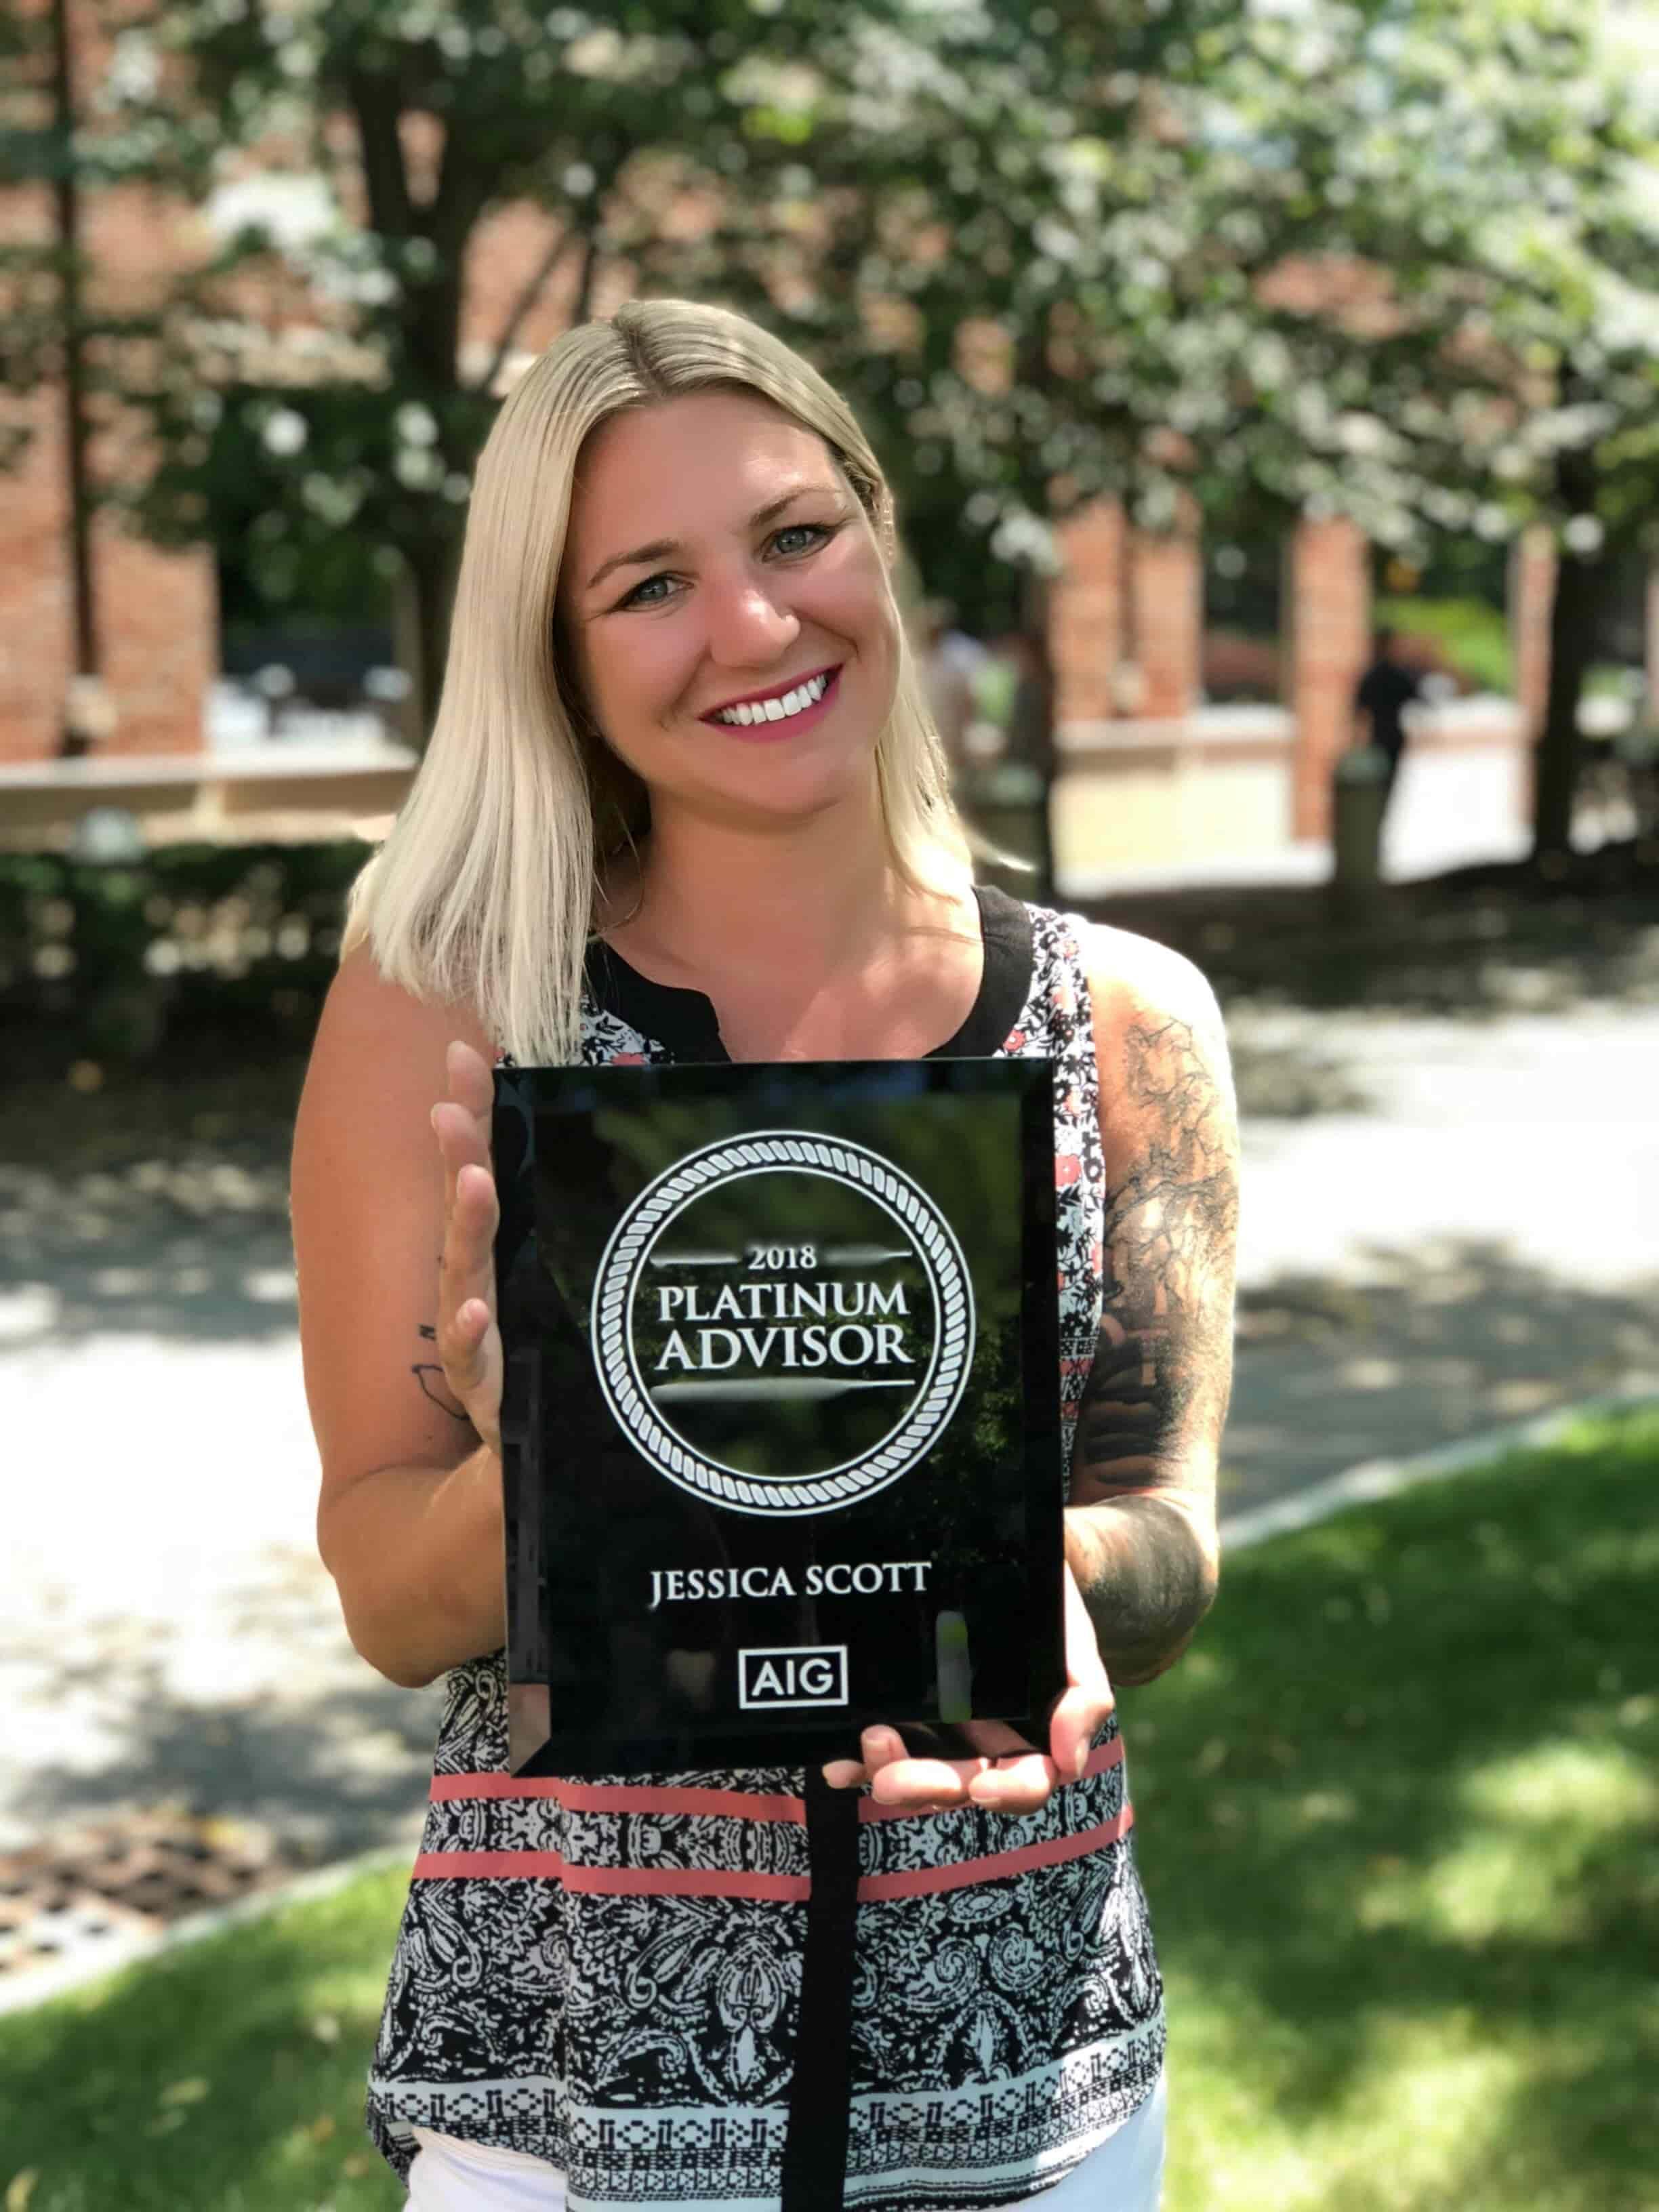 Jessica was recognized as an AIG 2018 Platinum Advisor